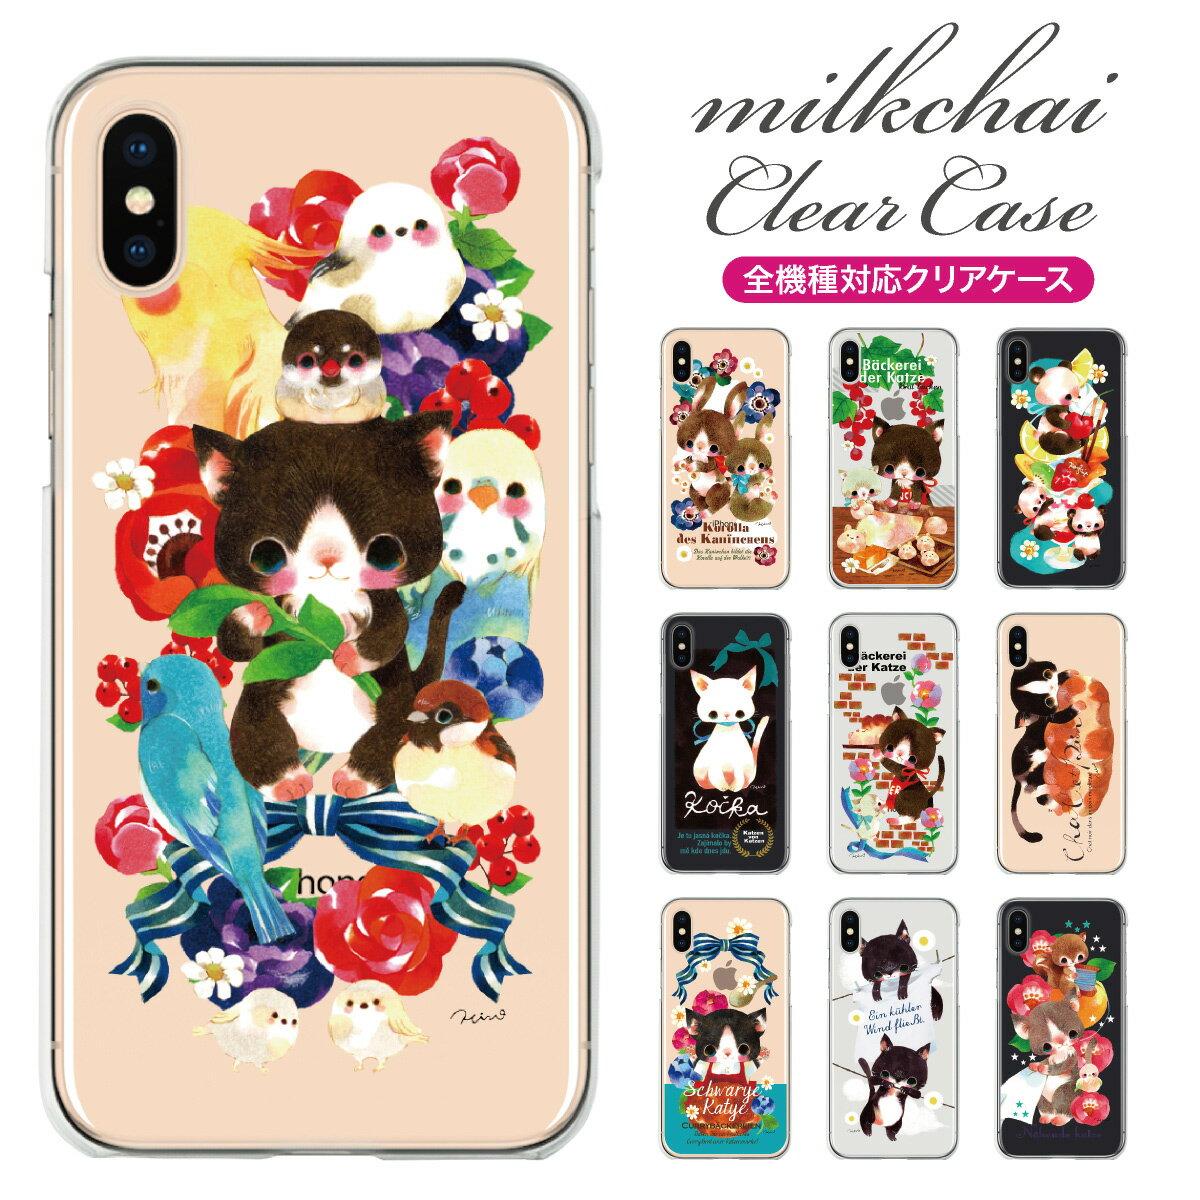 スマホケース 全機種対応 ケース カバー ハードケース クリアケース iPhoneXS Max iPhoneXR iPhoneX iPhone8 Plus iPhone7 iPhone6s iPhone SE 5s Xperia XZ3 XZ2 XZ1 XZ XZs SO-01L SO-05K SO-03K aquos R2 R SH-03K galaxy S9 S8 milkchai zen-ca008